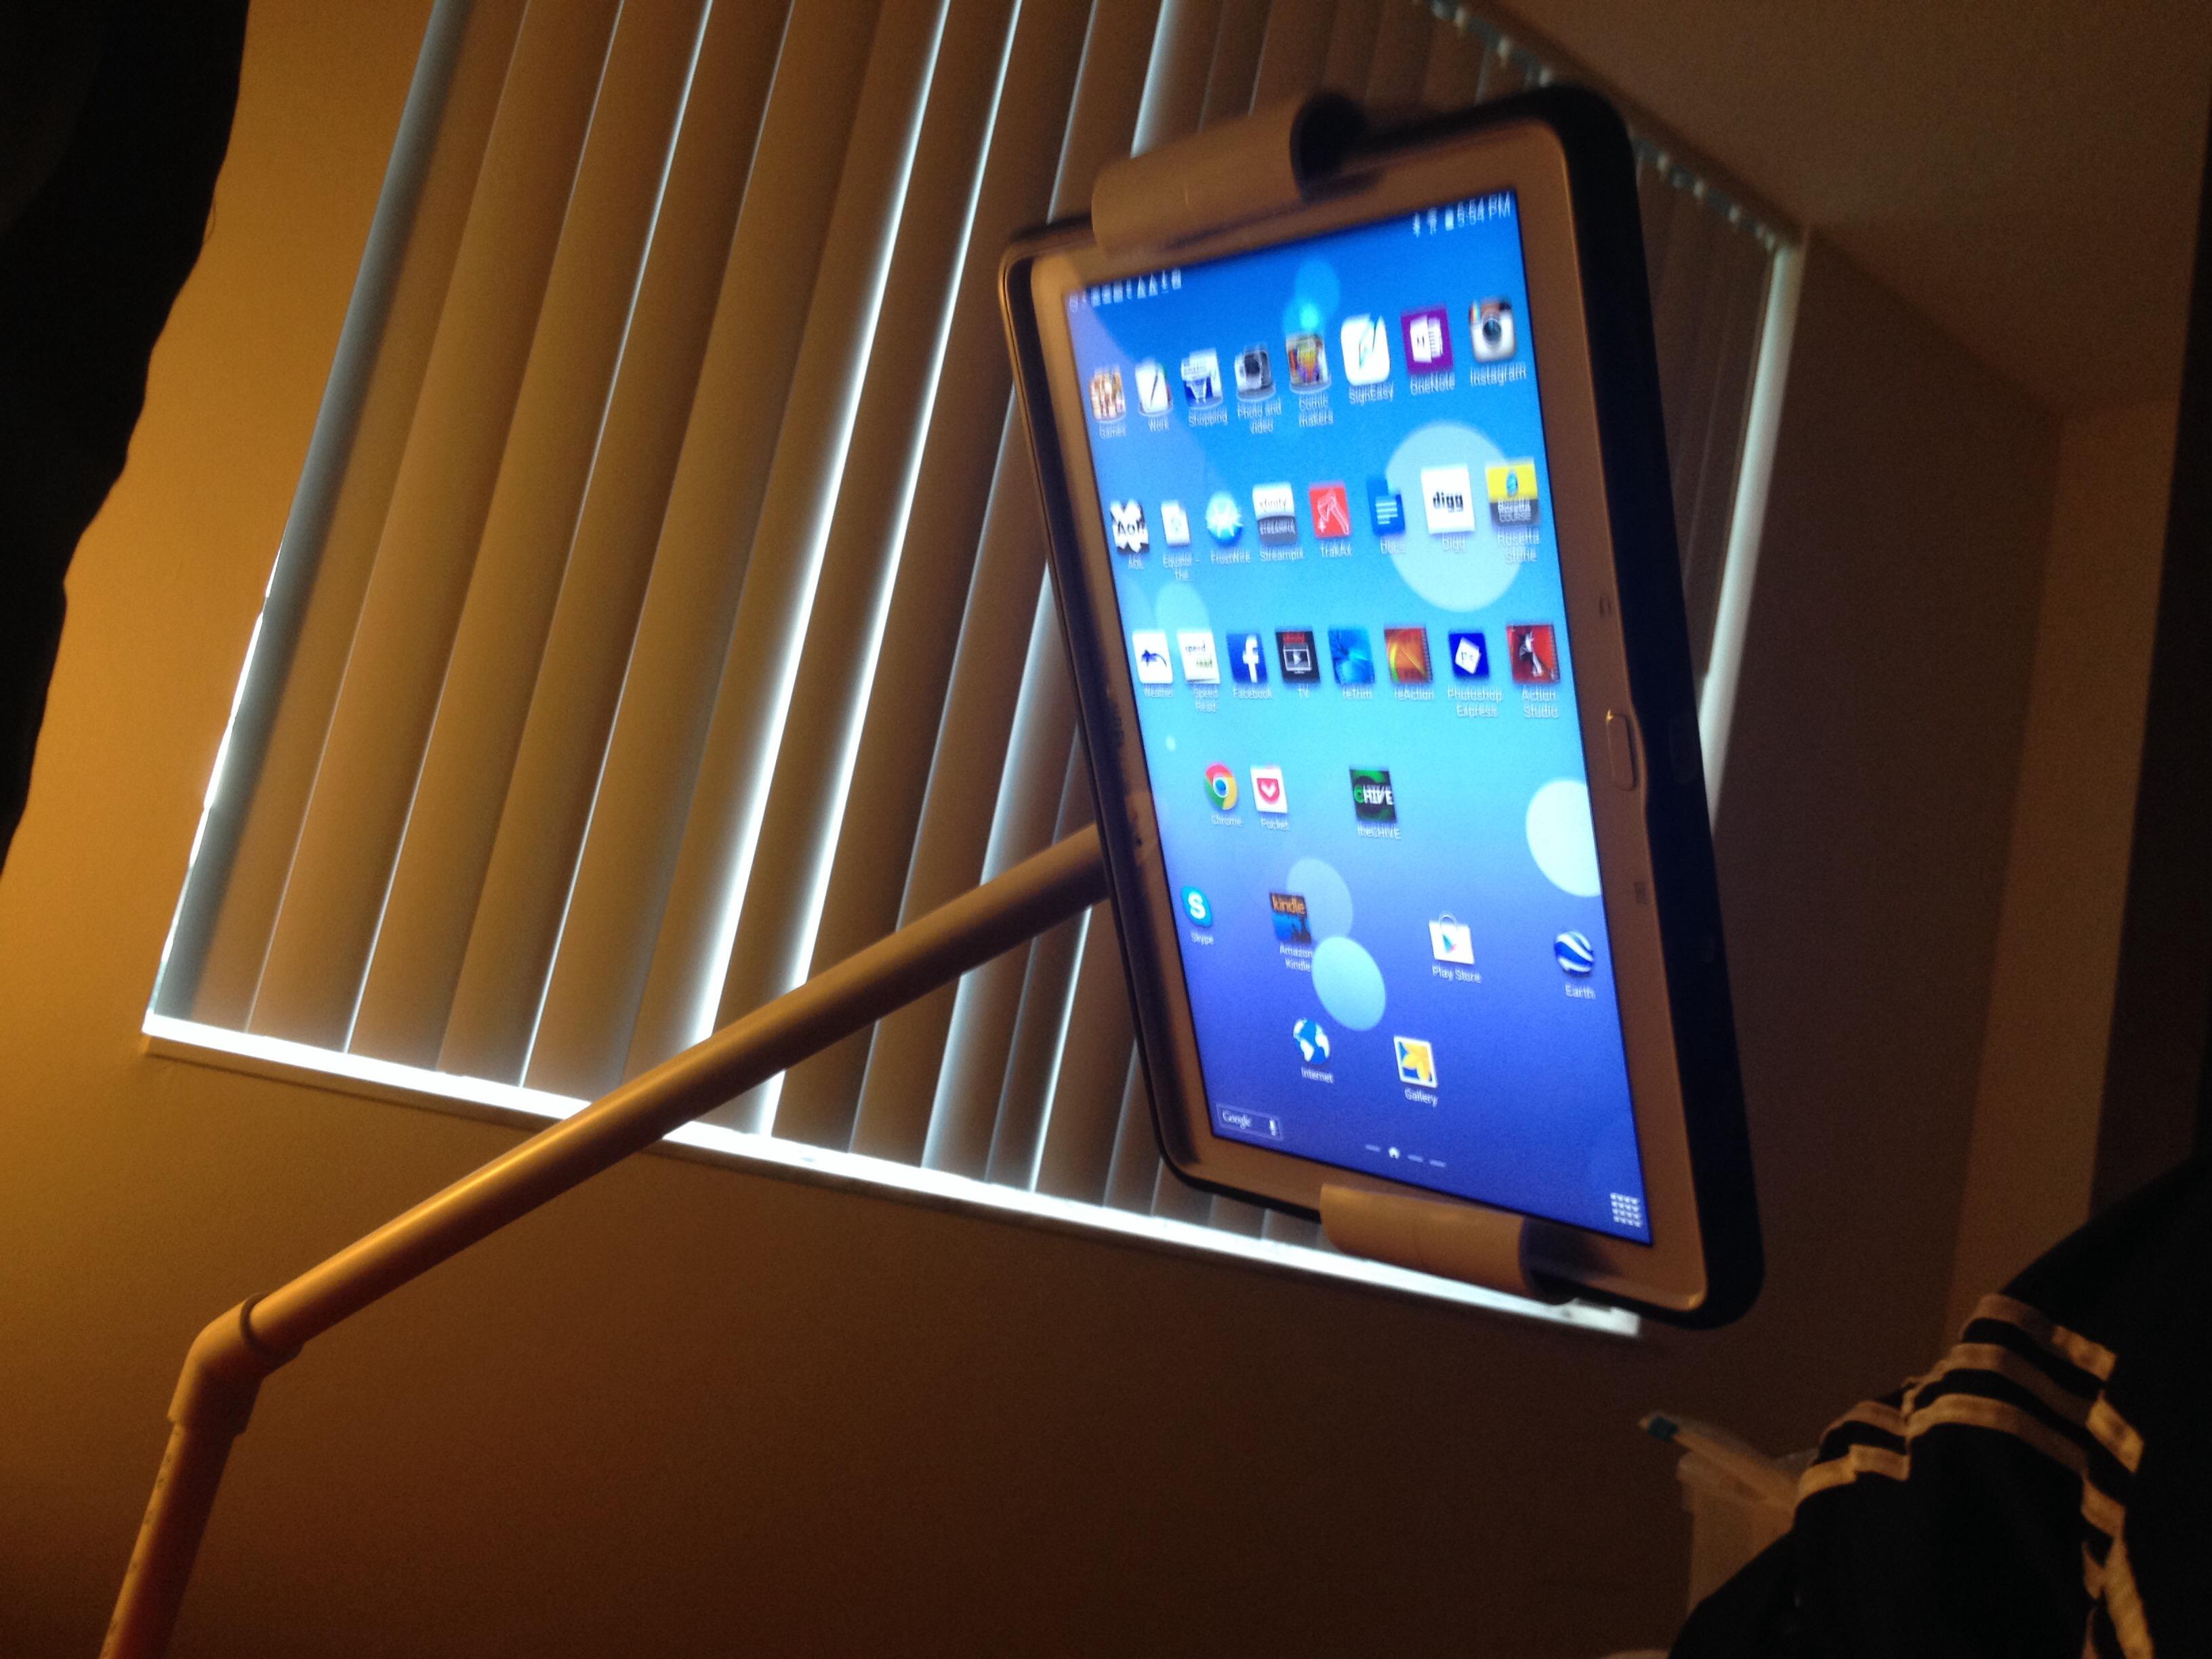 Bed Tablet Holder